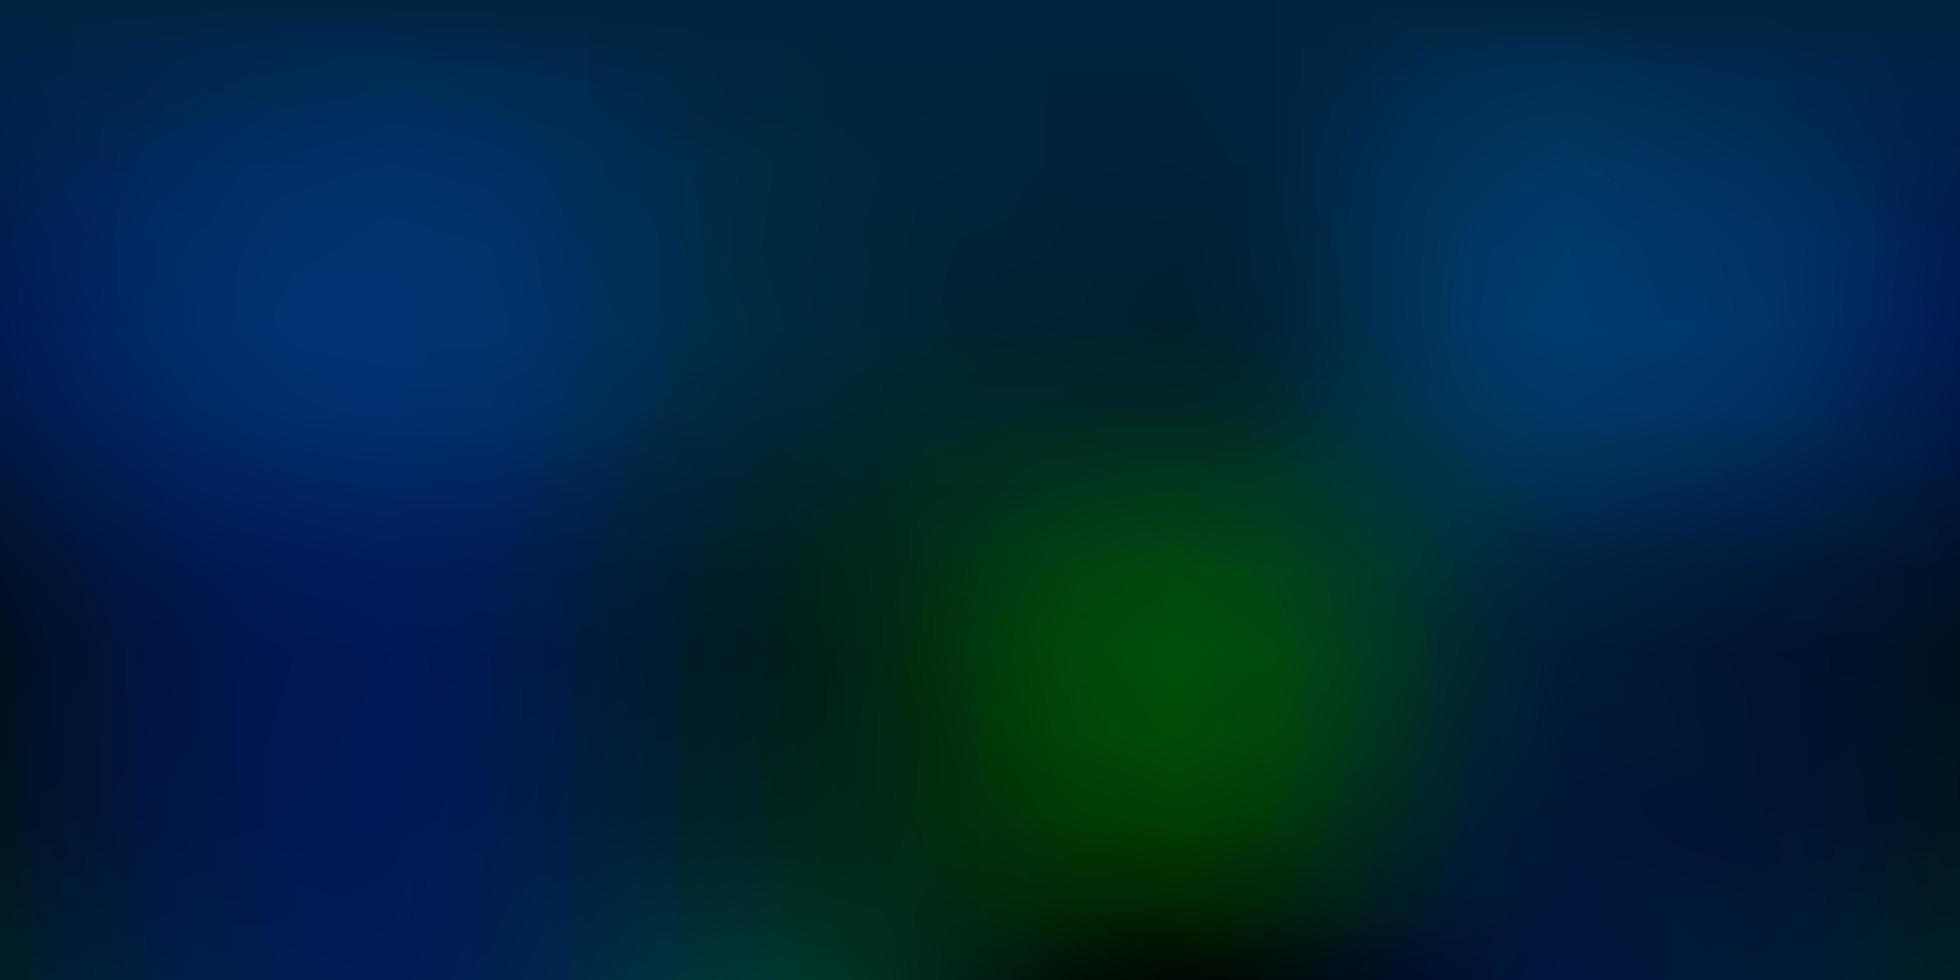 mörkblå, grön vektor abstrakt oskärpa konsistens.